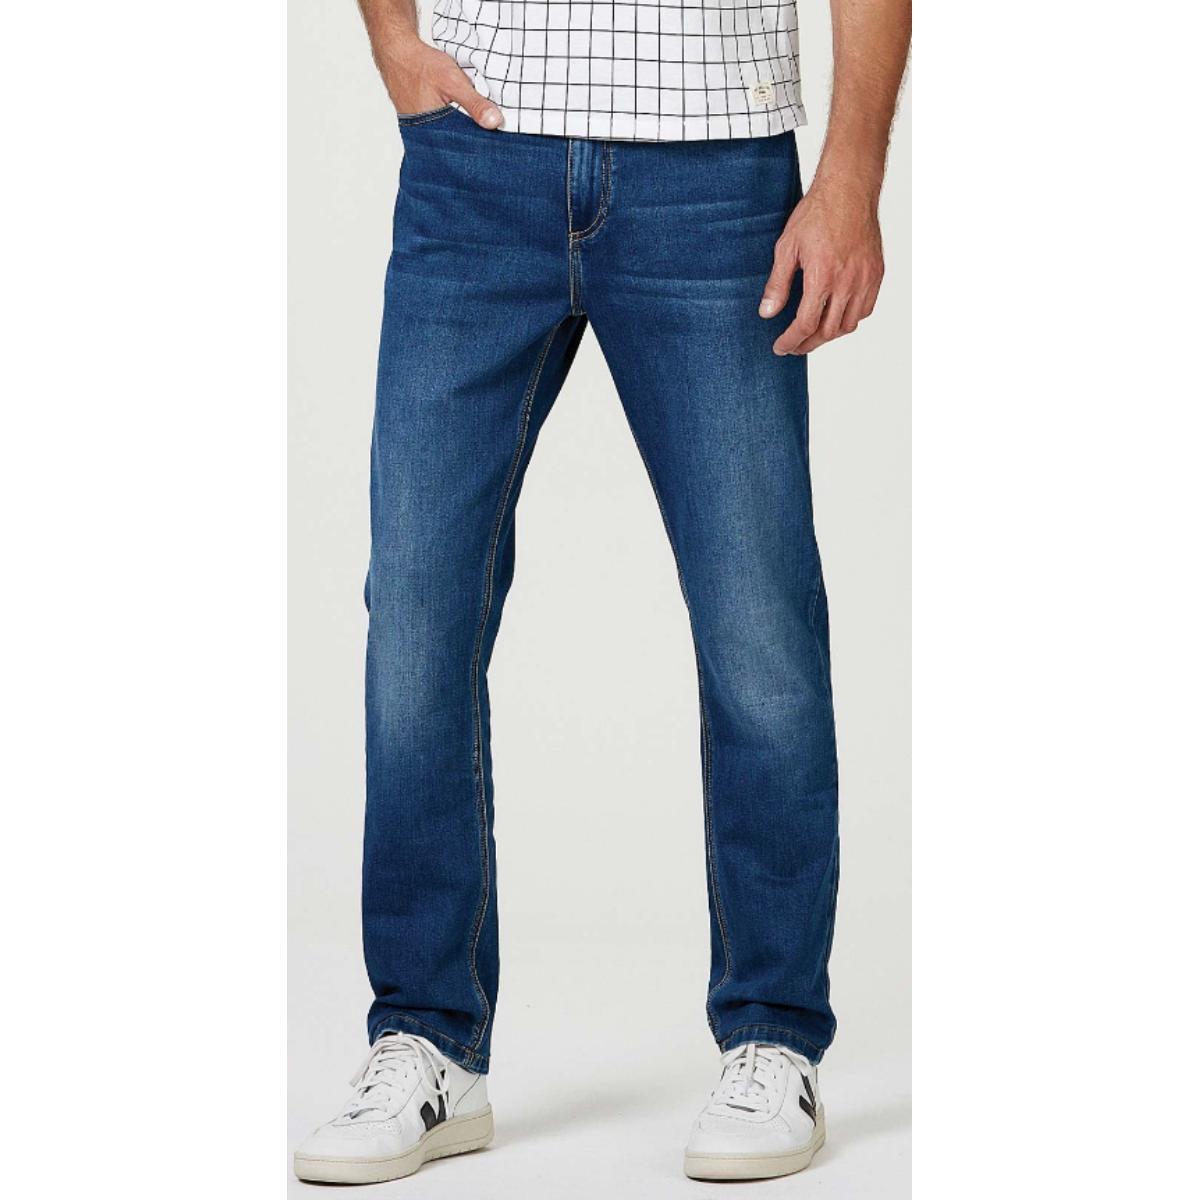 Calça Masculina Hering H1b4 1bsi Jeans Escuro